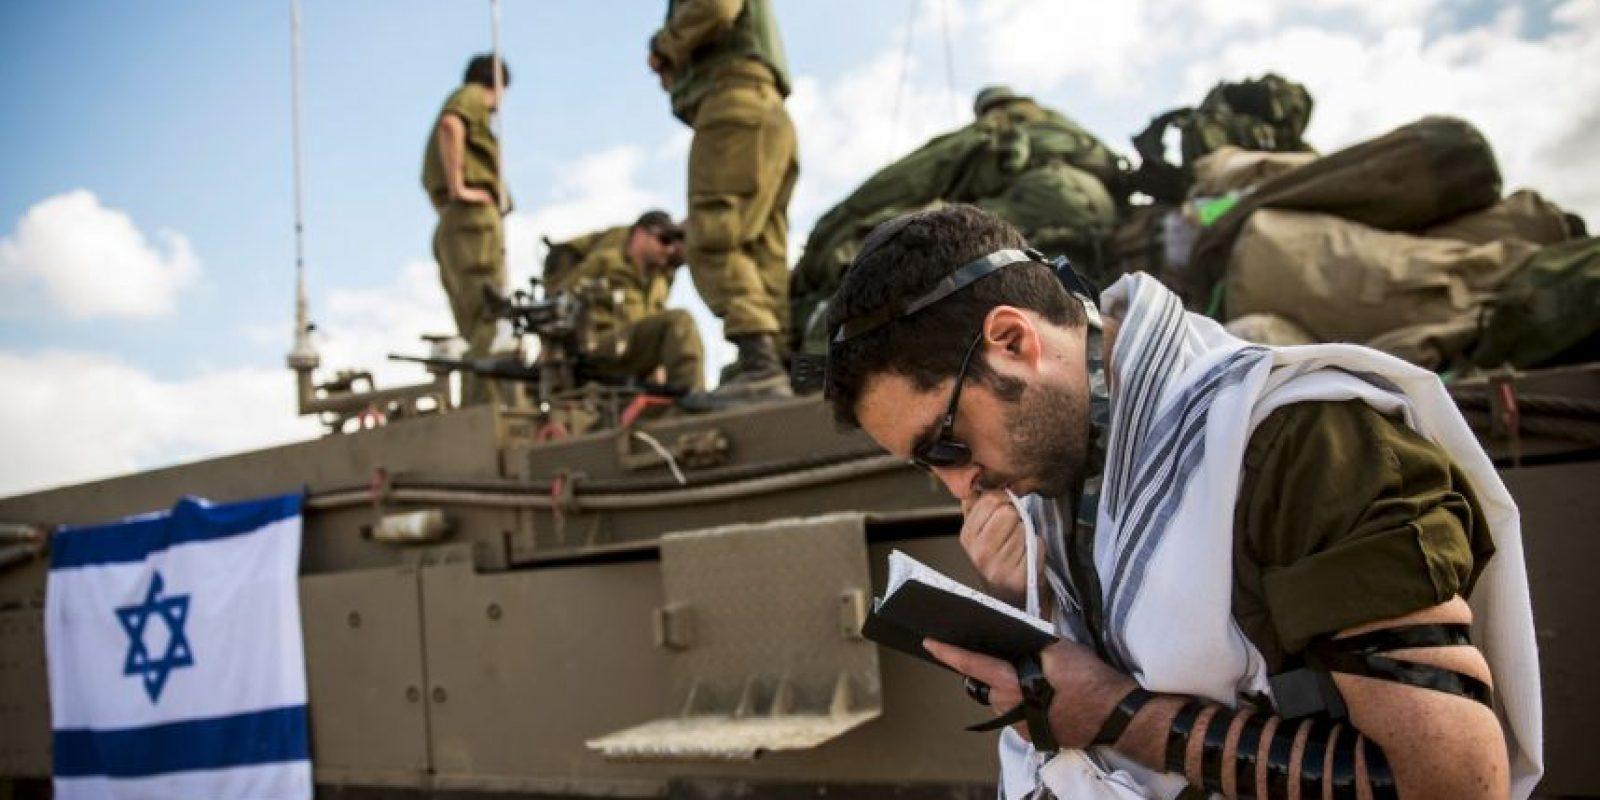 Las imágenes reflejan lo sucedido el pasado 3 de julio en la ciudad cisjordana de Ramala, en donde murió Mohamed Kusbeh, de 17 años Foto:Getty Images